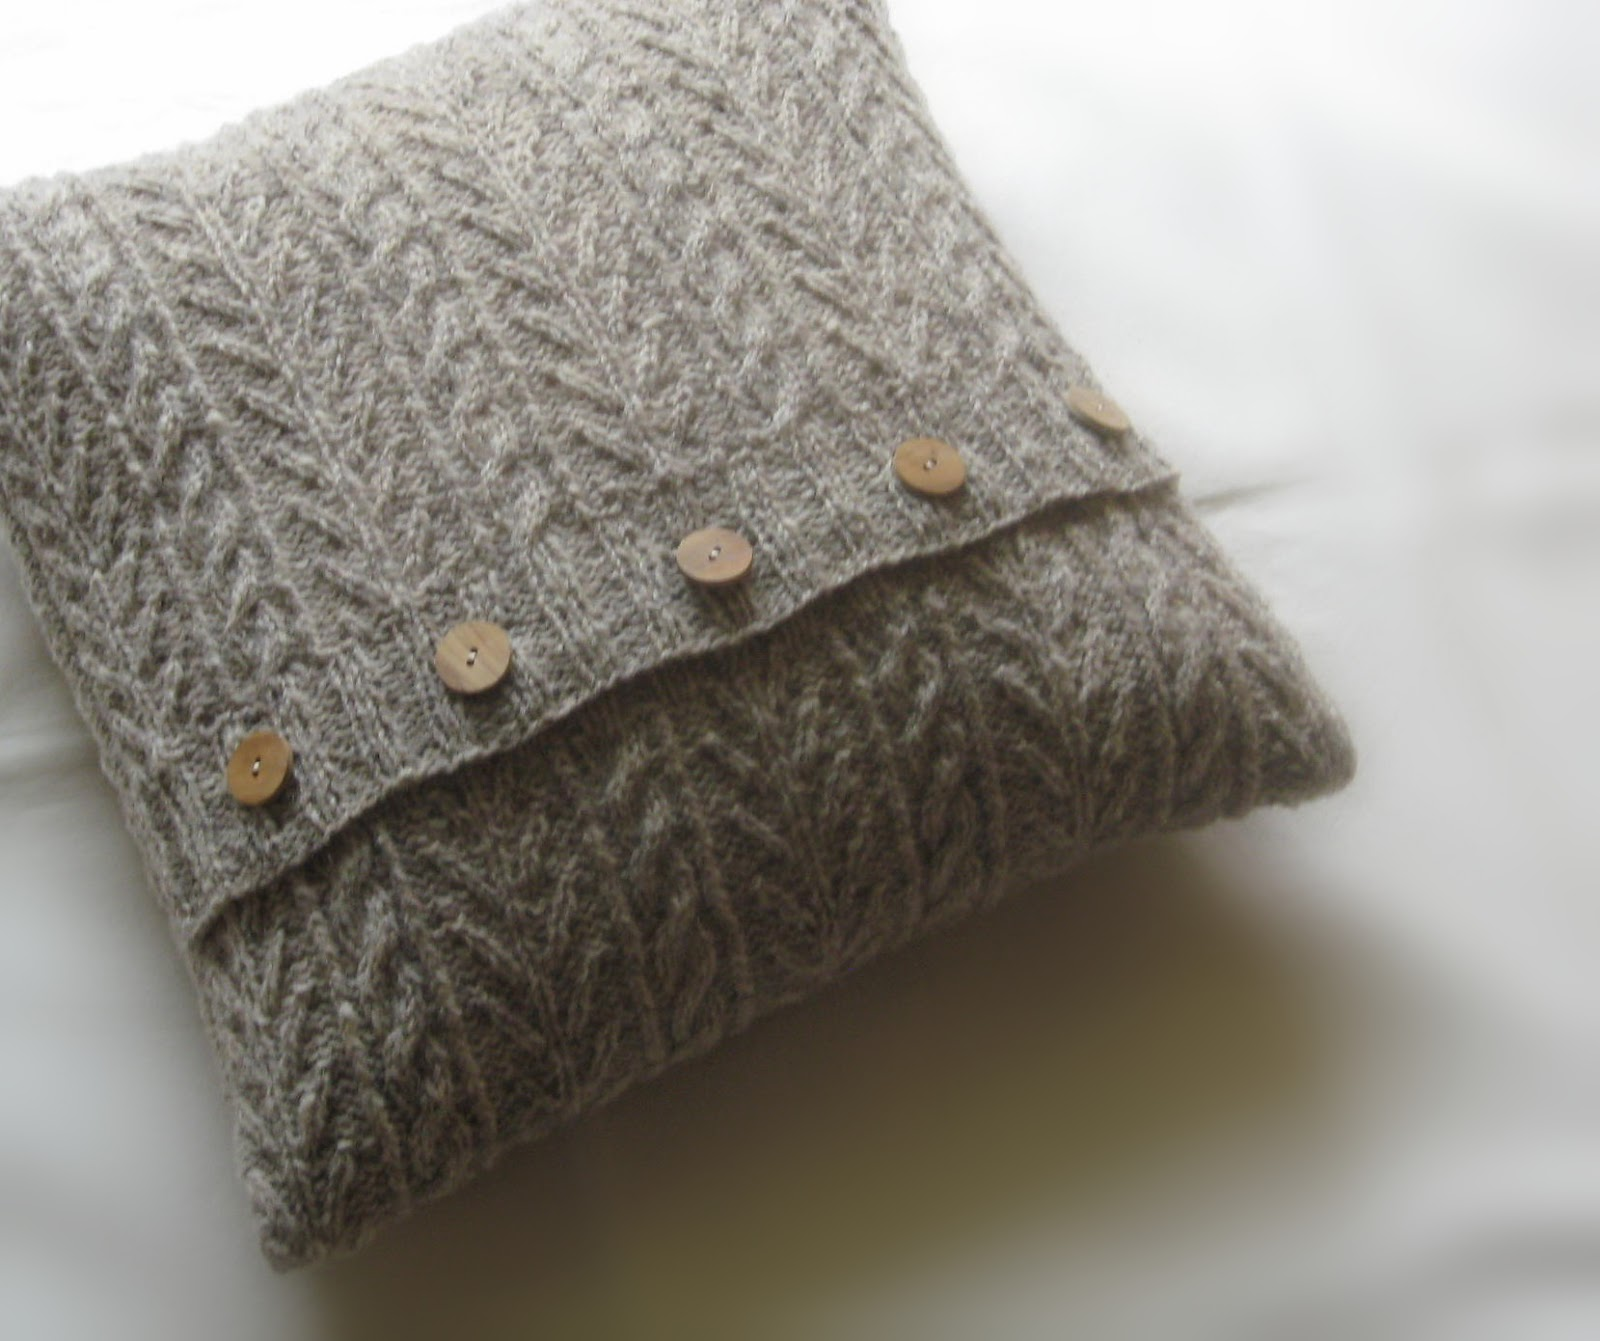 Aran knitting dezember 2012 - Strickanleitung weihnachtspullover ...